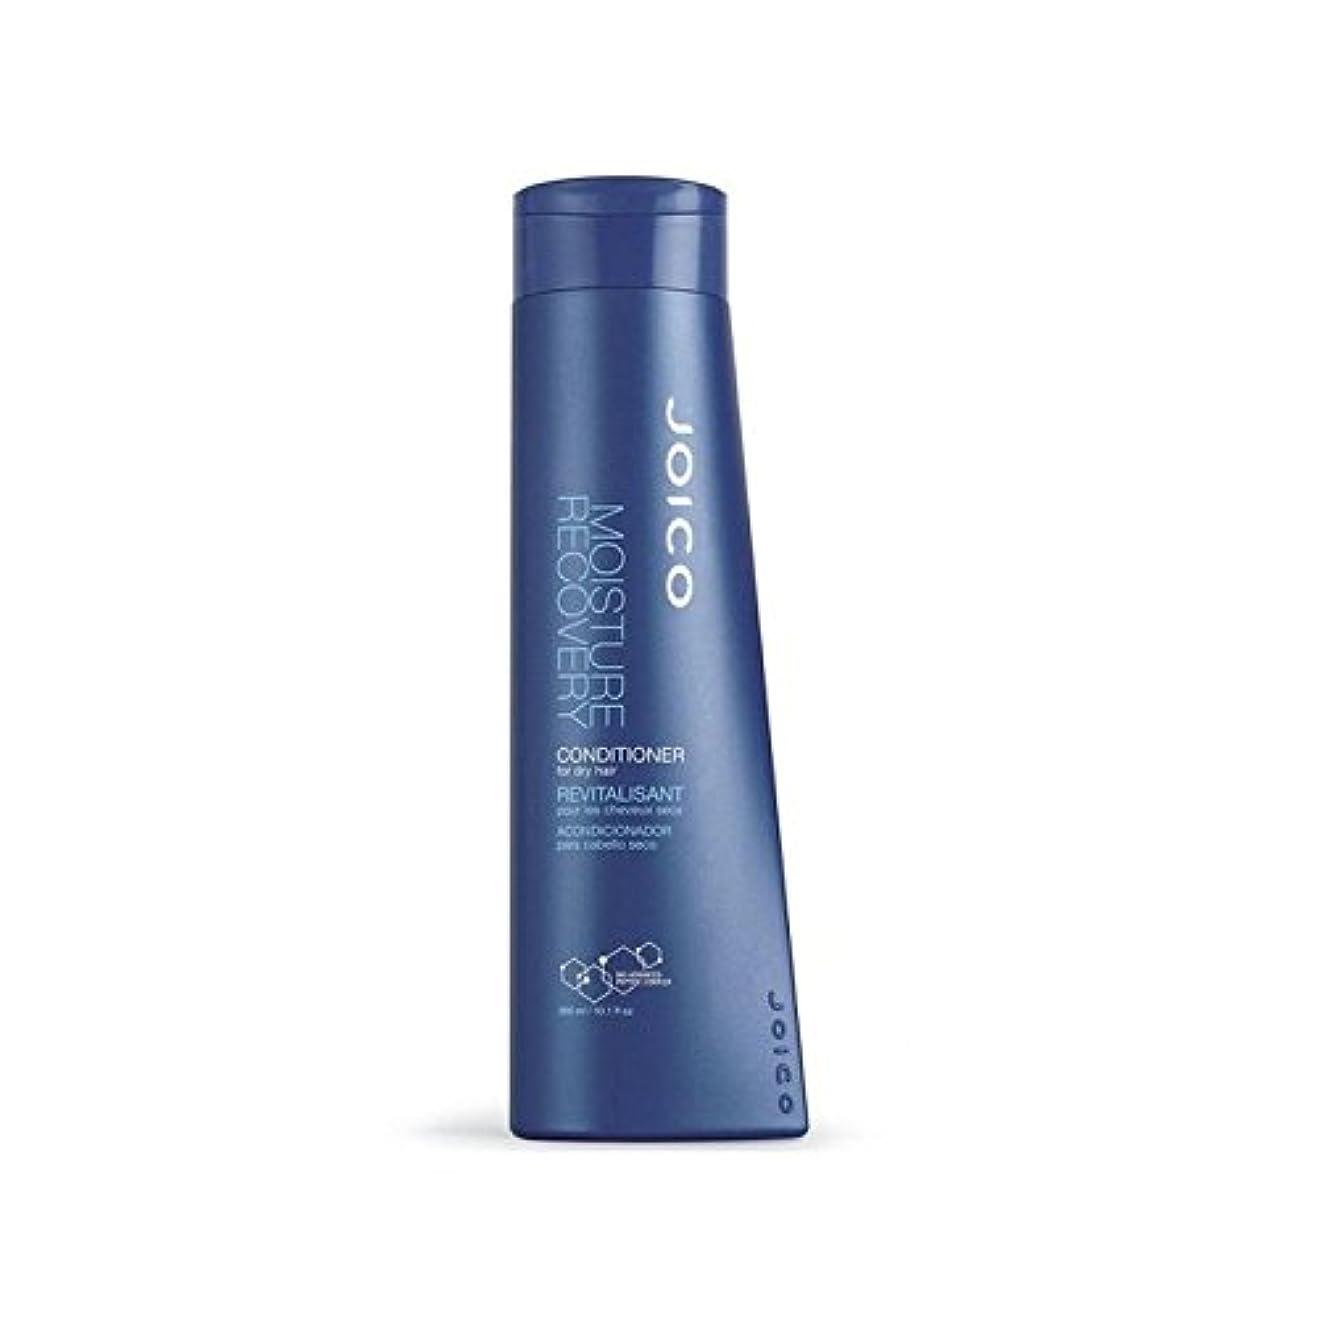 案件ベンチエンゲージメントJoico Moisture Recovery Conditioner 300ml - ジョイコ水分回復コンディショナー300ミリリットル [並行輸入品]